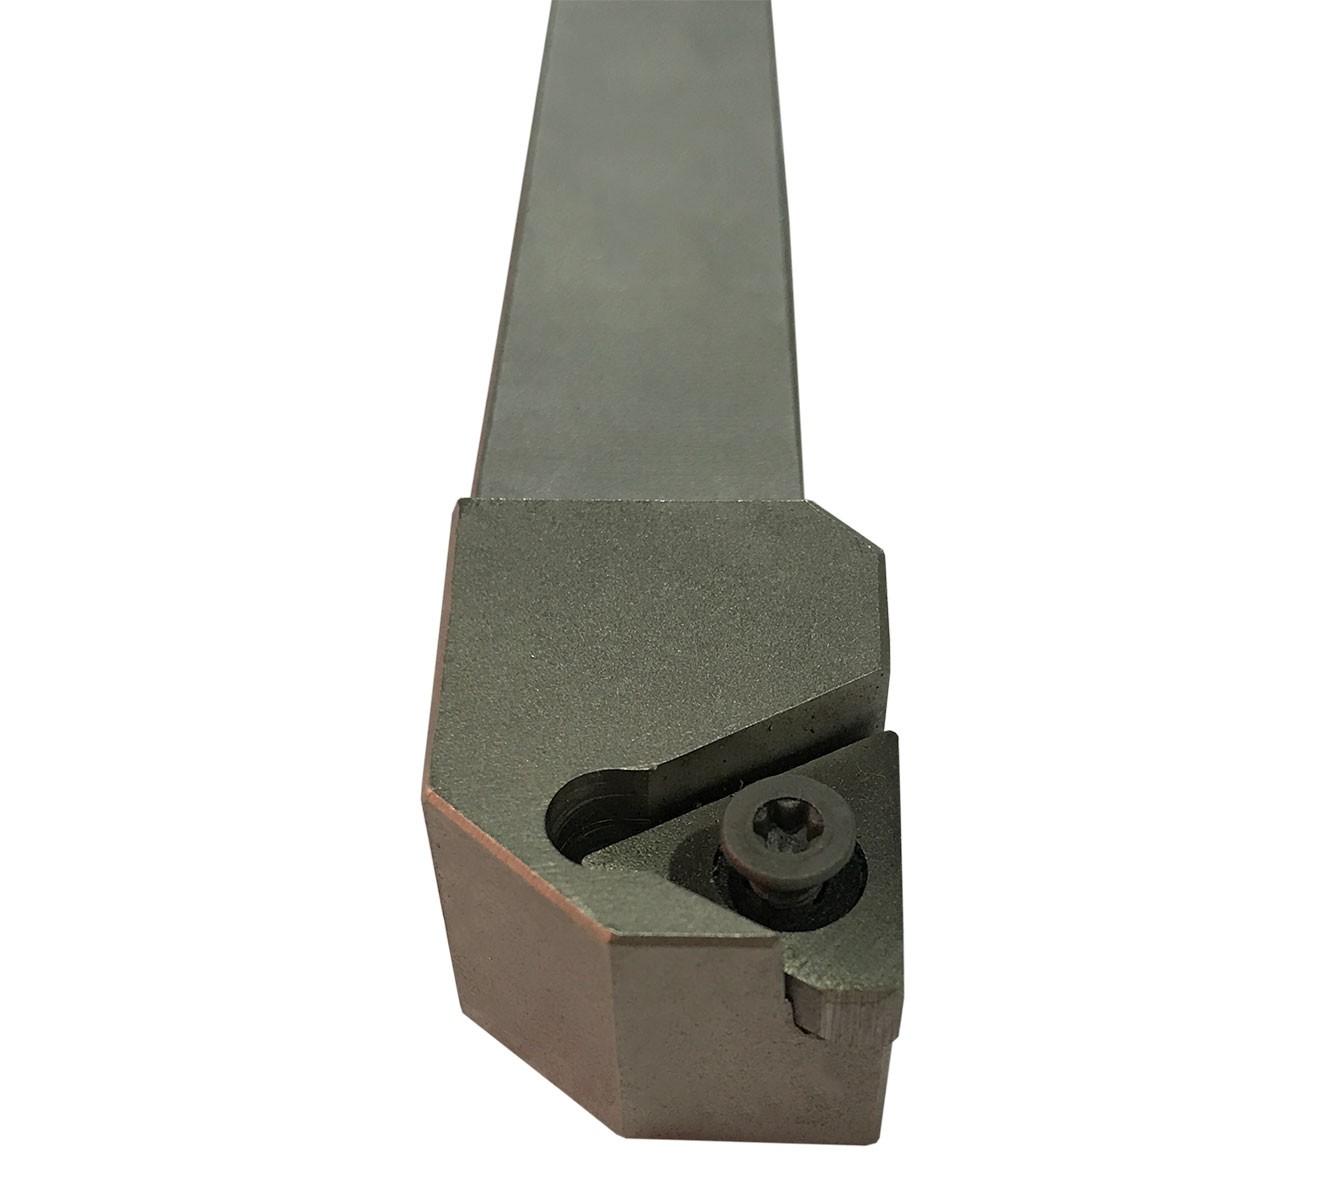 Ferramenta Para Torno Ofg 20mmx20mm R166 22 Direito Rosca | Seven Tools